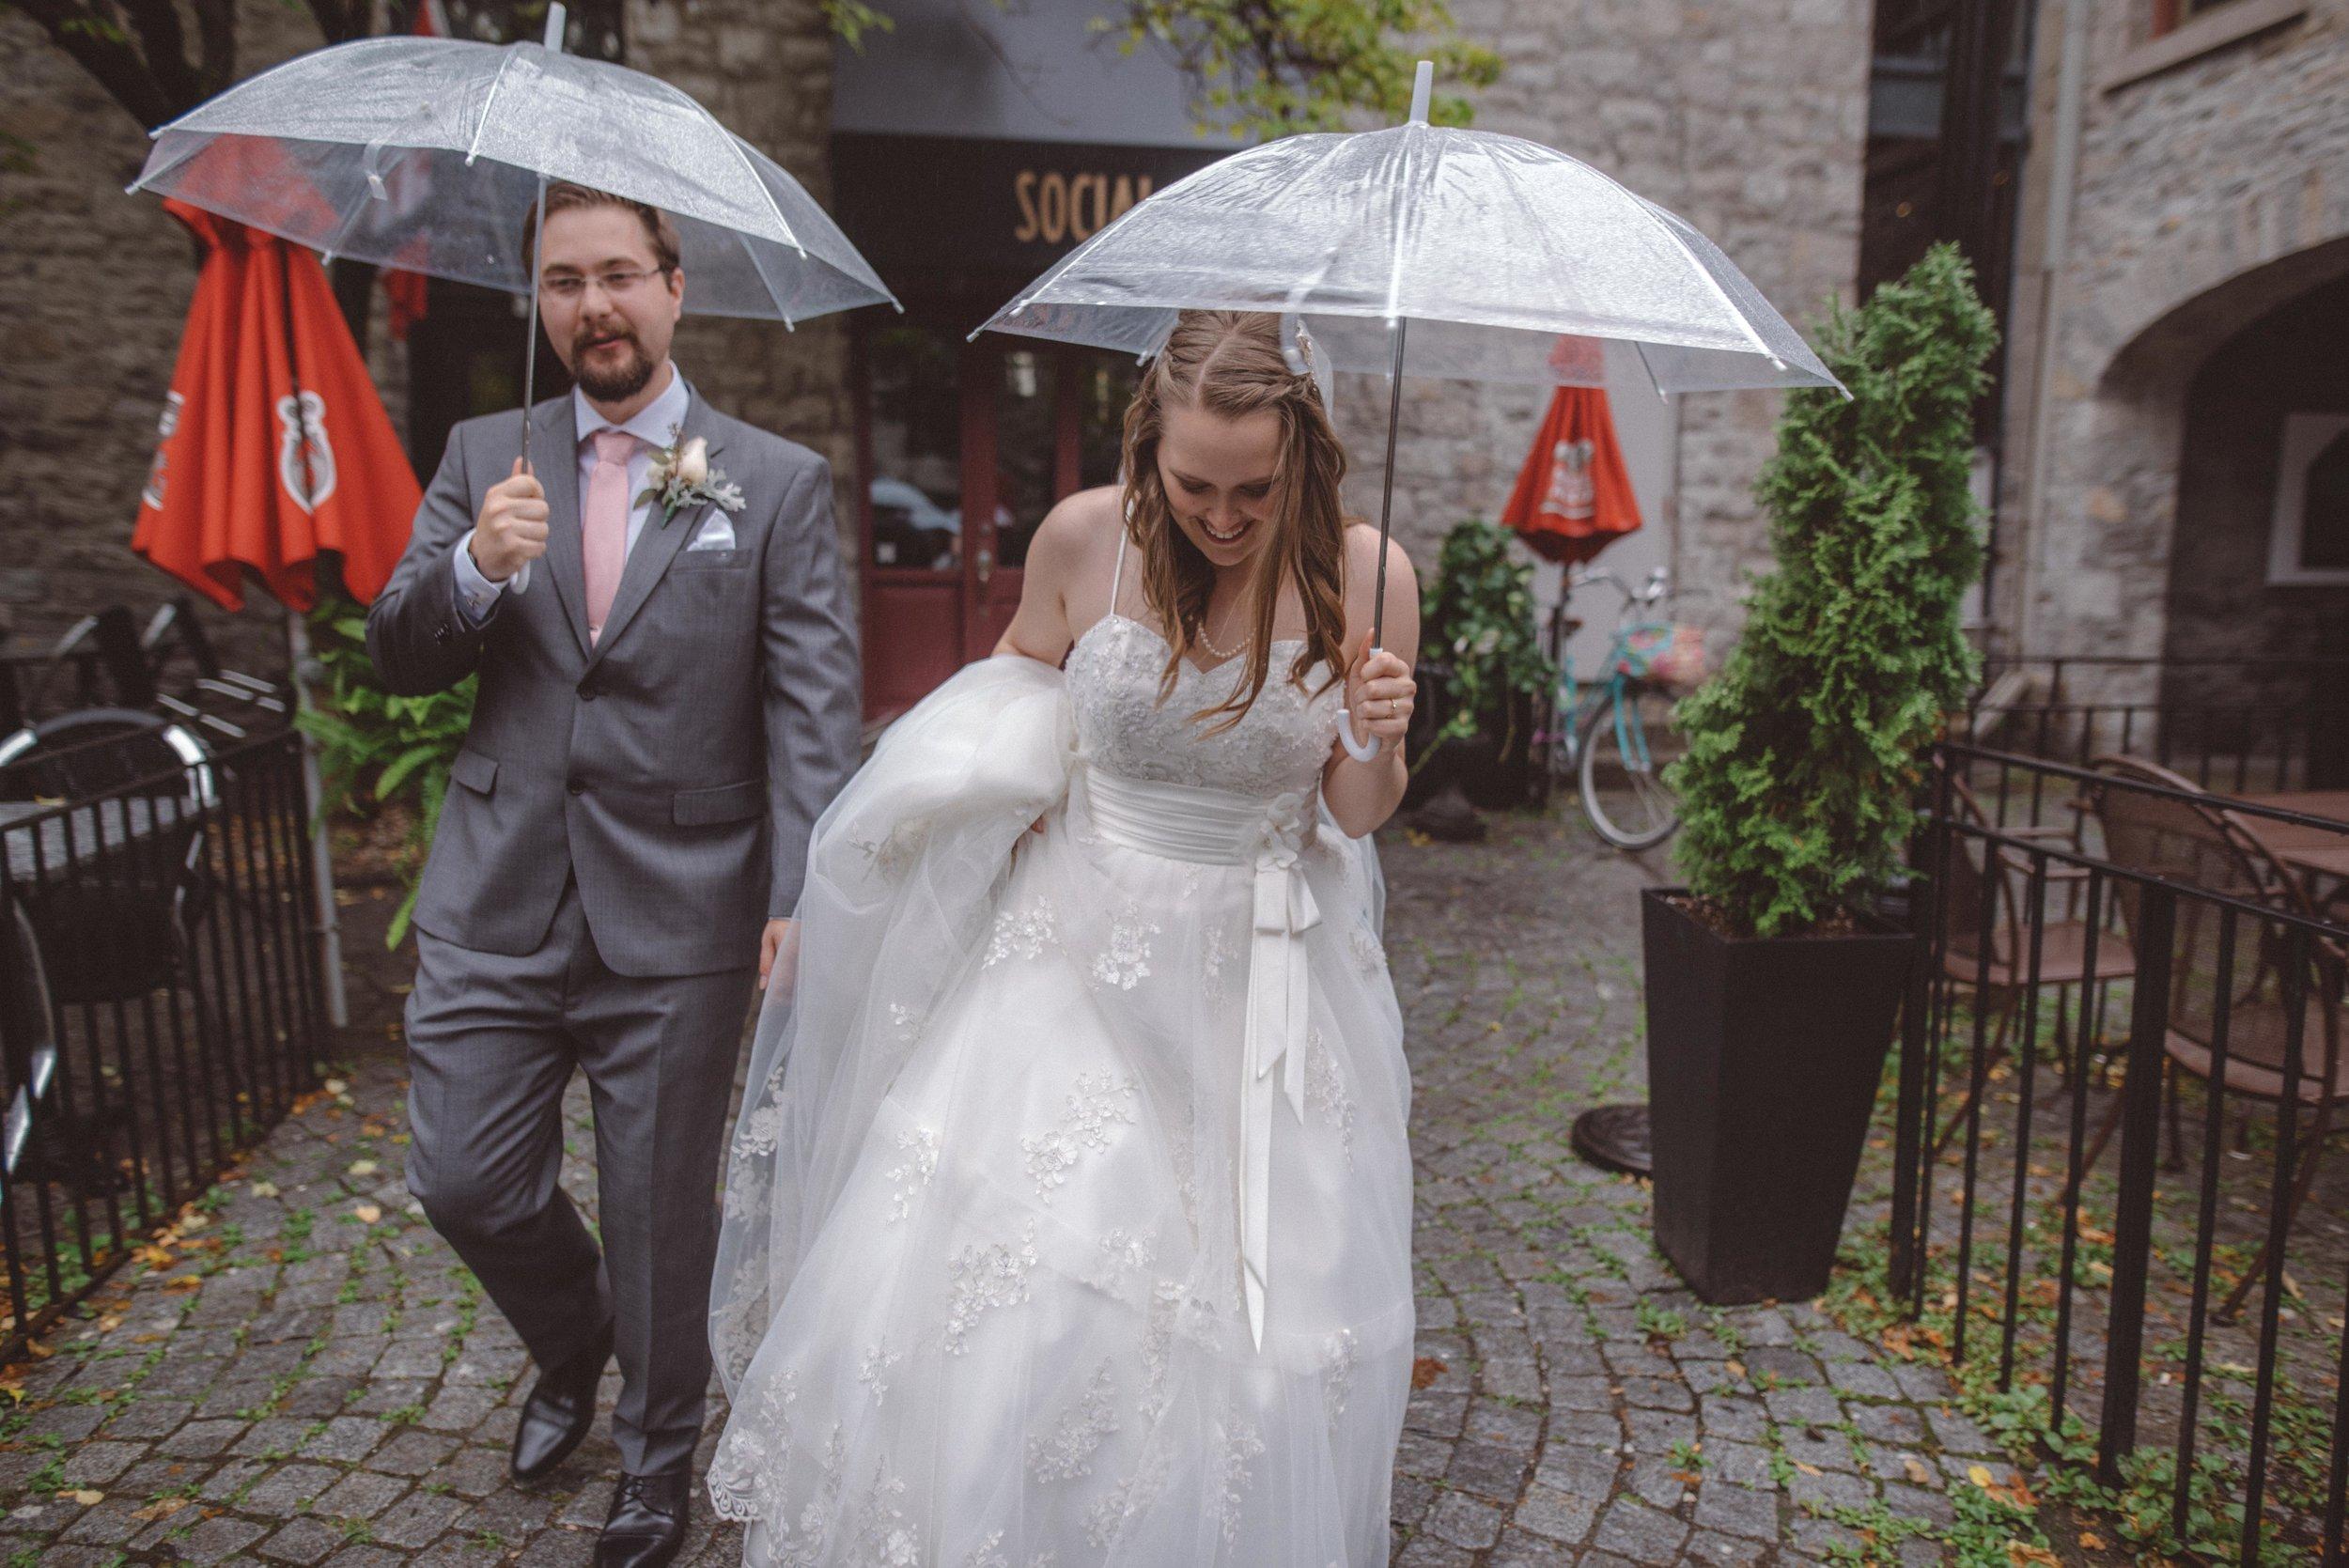 wedding_photographer_lifestyle_documentary_photographe_ottawa_gatineau-25.jpg